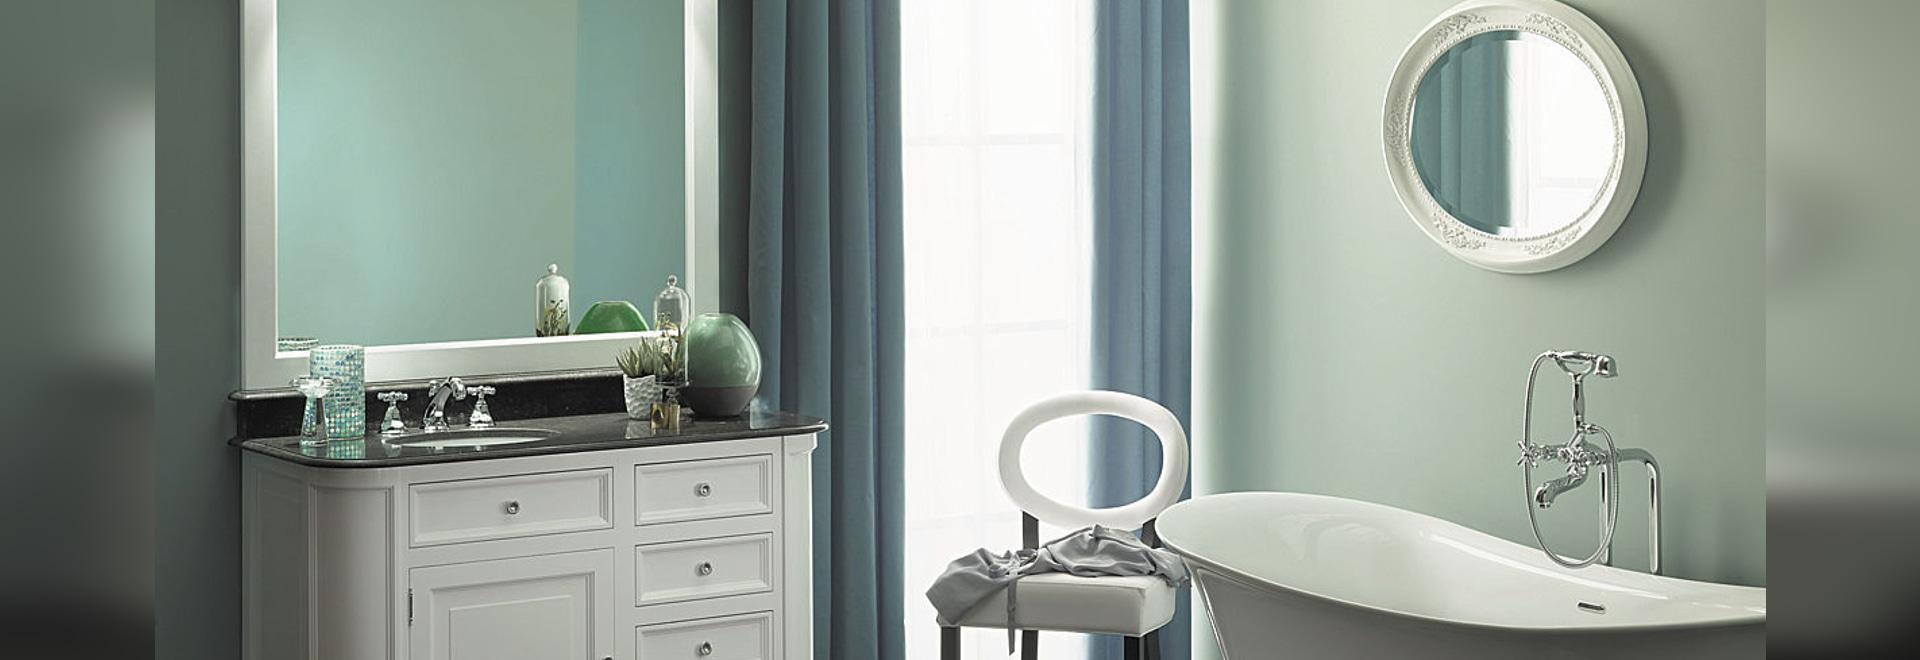 Meuble de salle de bains rétro elysée   aqua prestige